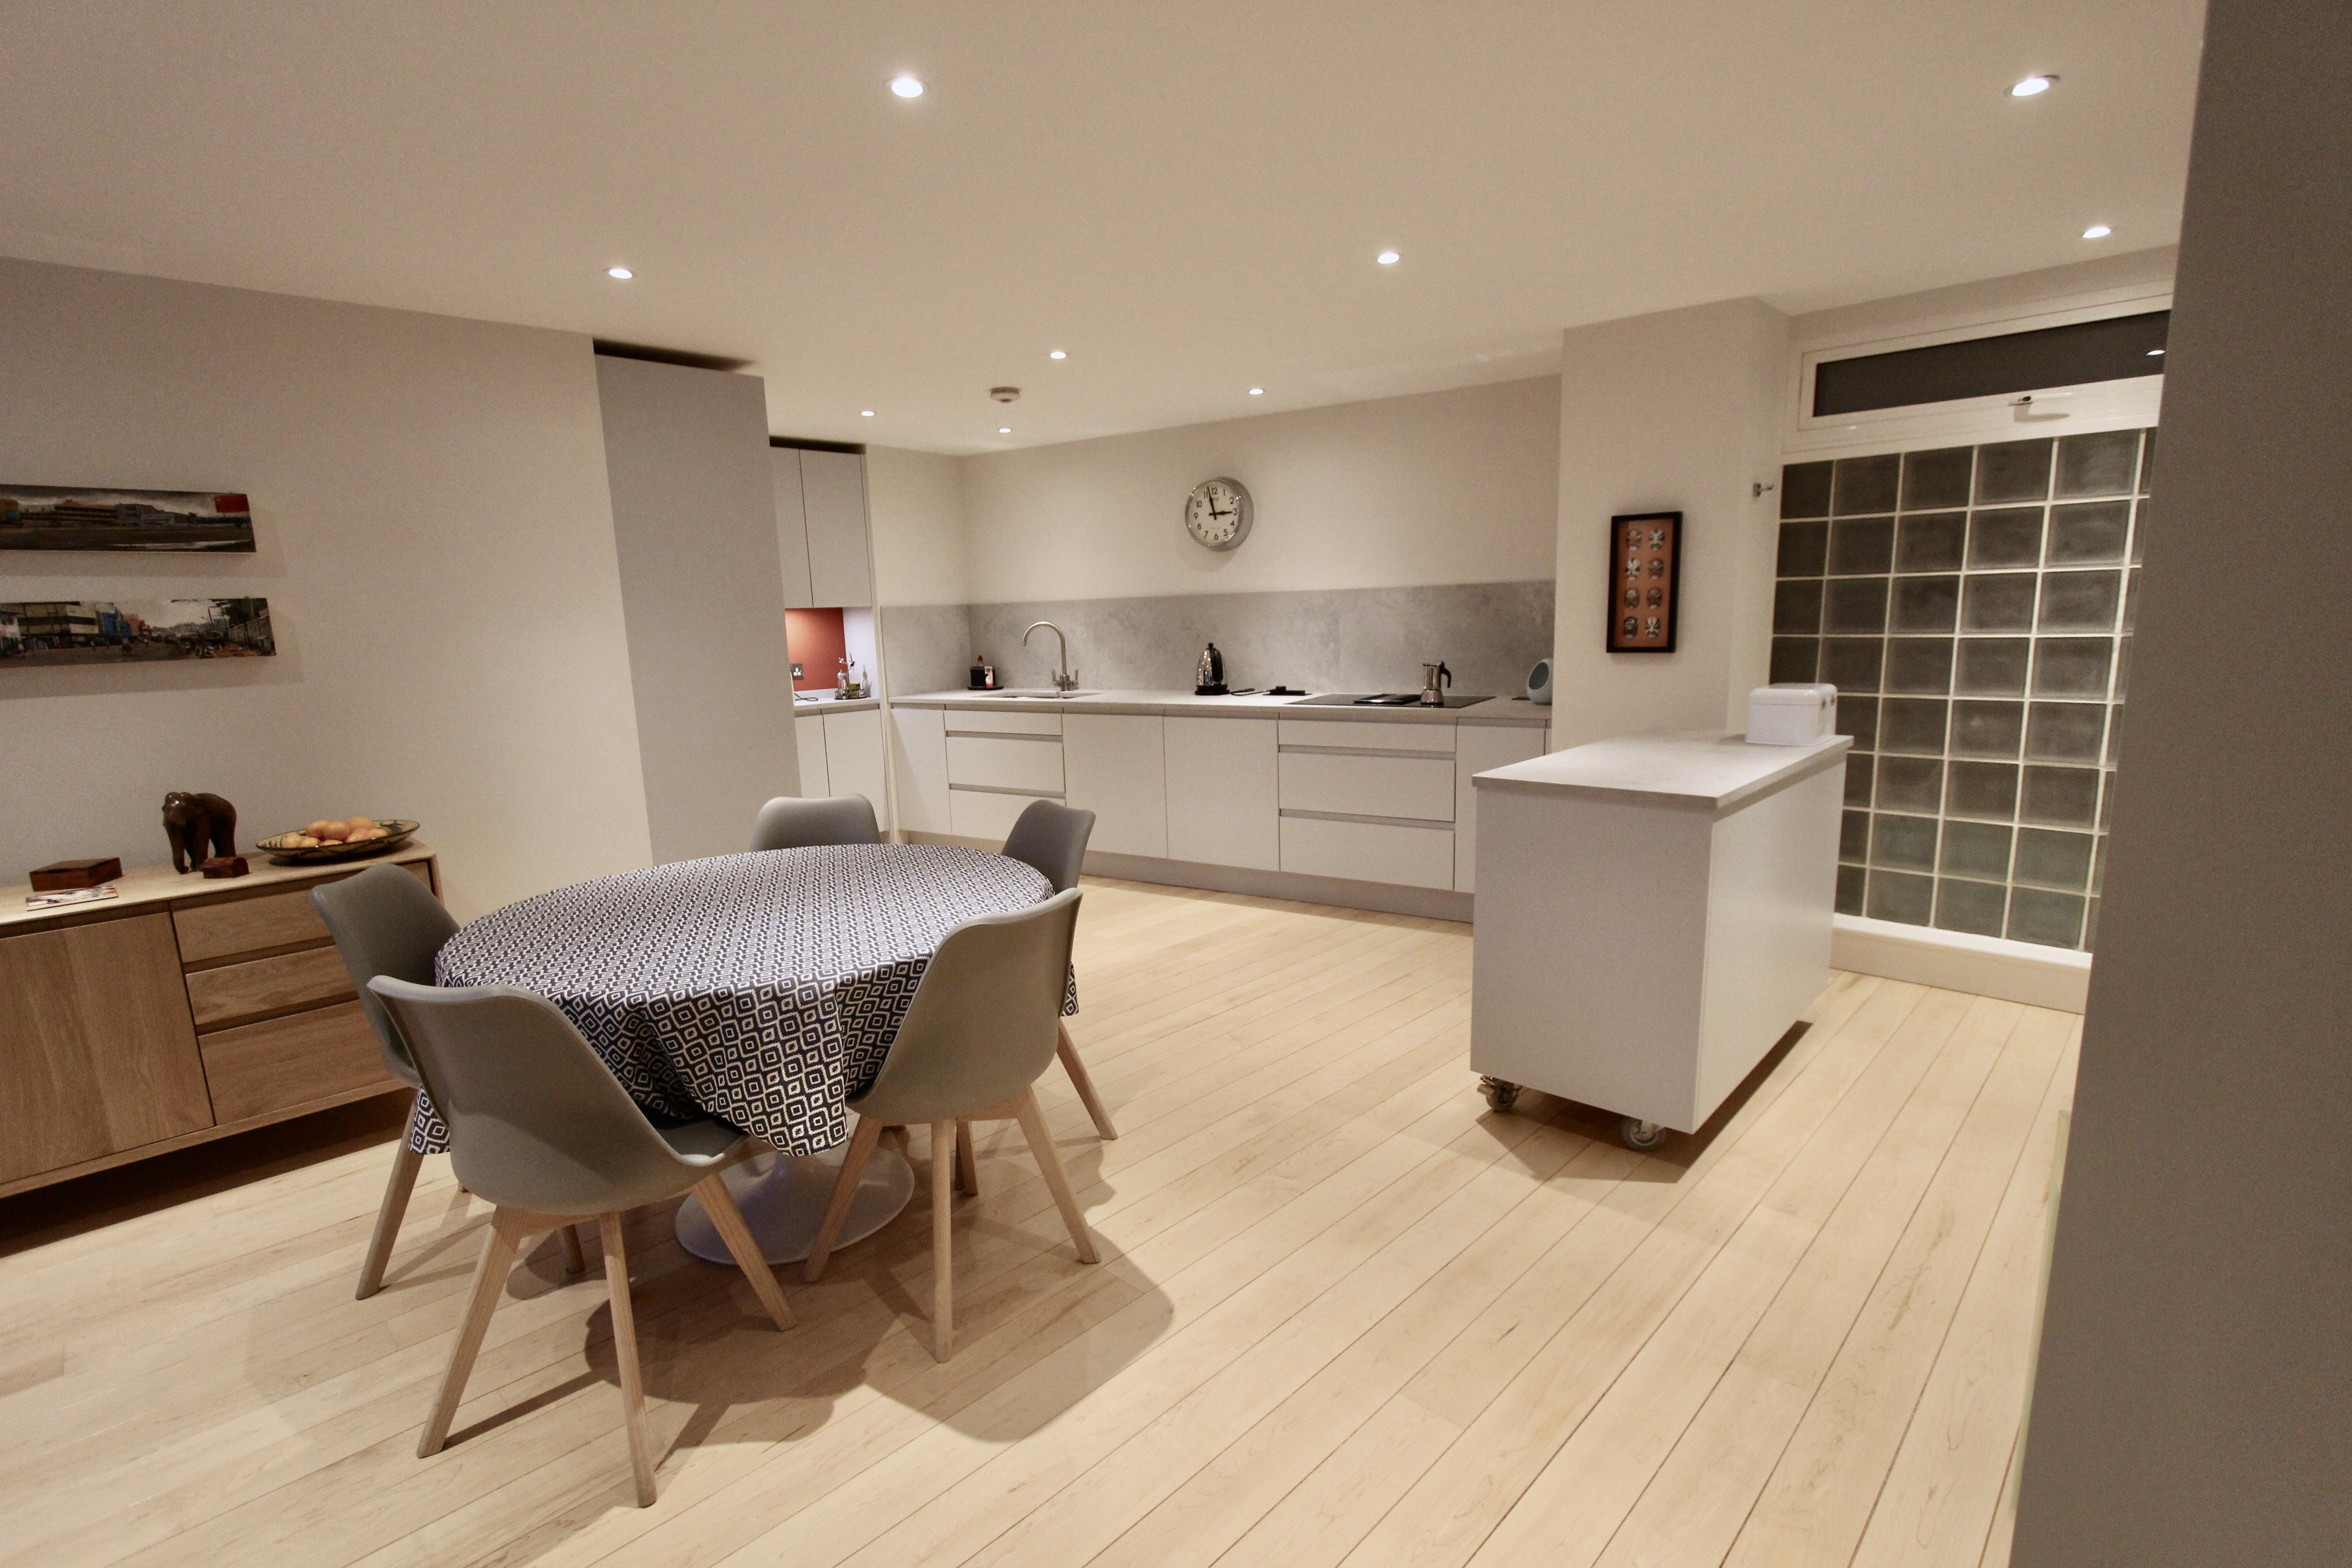 1. Clerkenwell kitchen